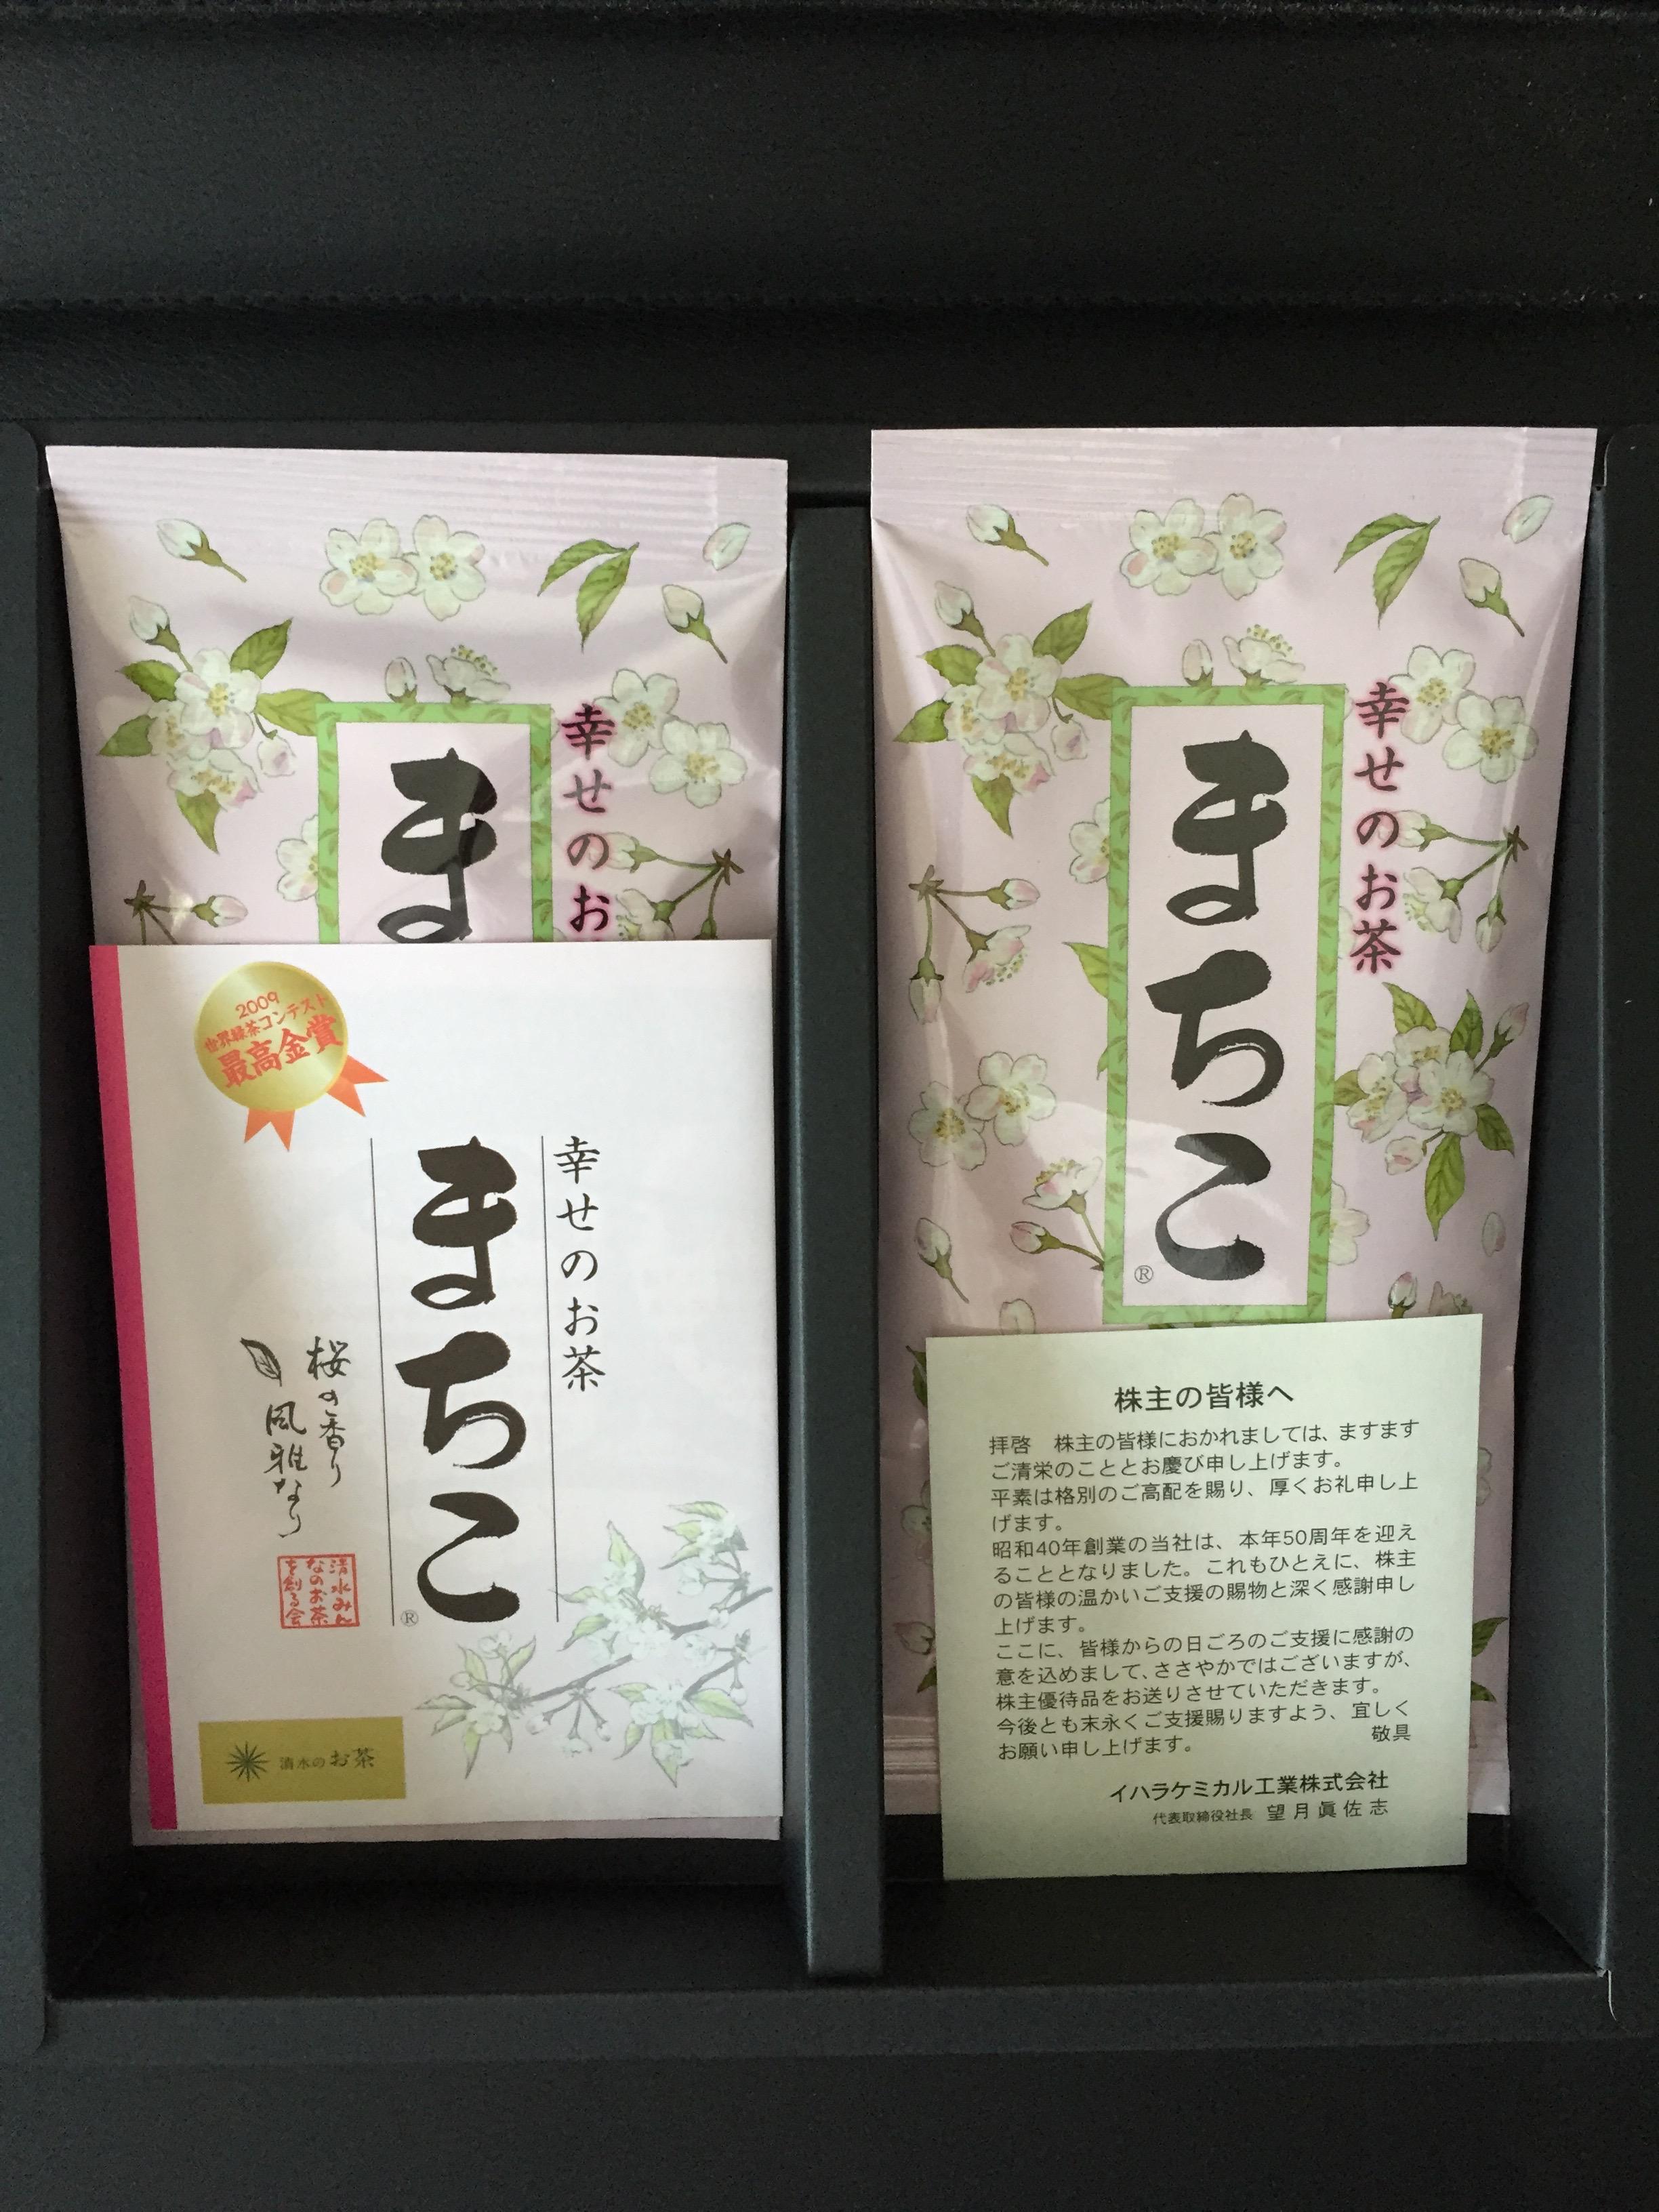 イハラケミカル工業(4989)の株主優待が到着!! 静岡県民に静岡茶が届きましたww